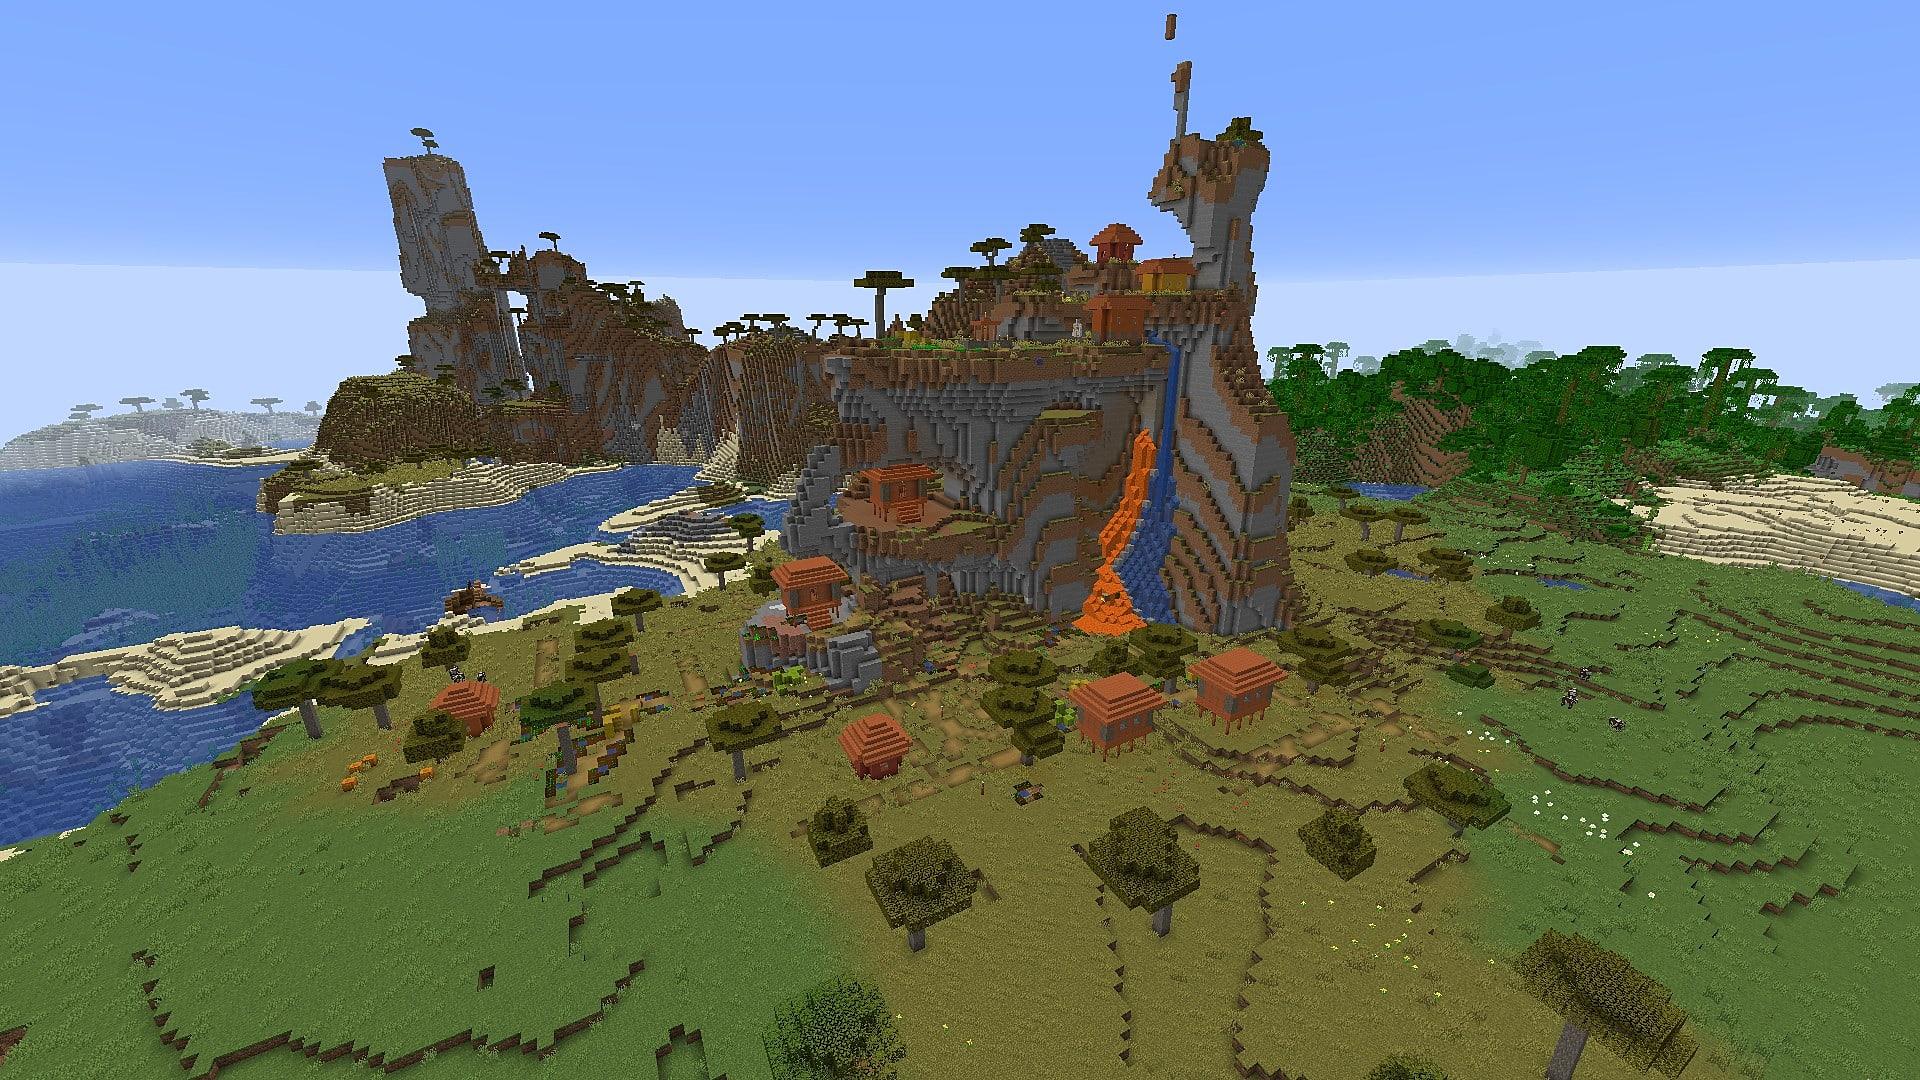 Best Minecraft 1111.111111.1111 Seeds for July 11  Slide 11111111  Minecraft